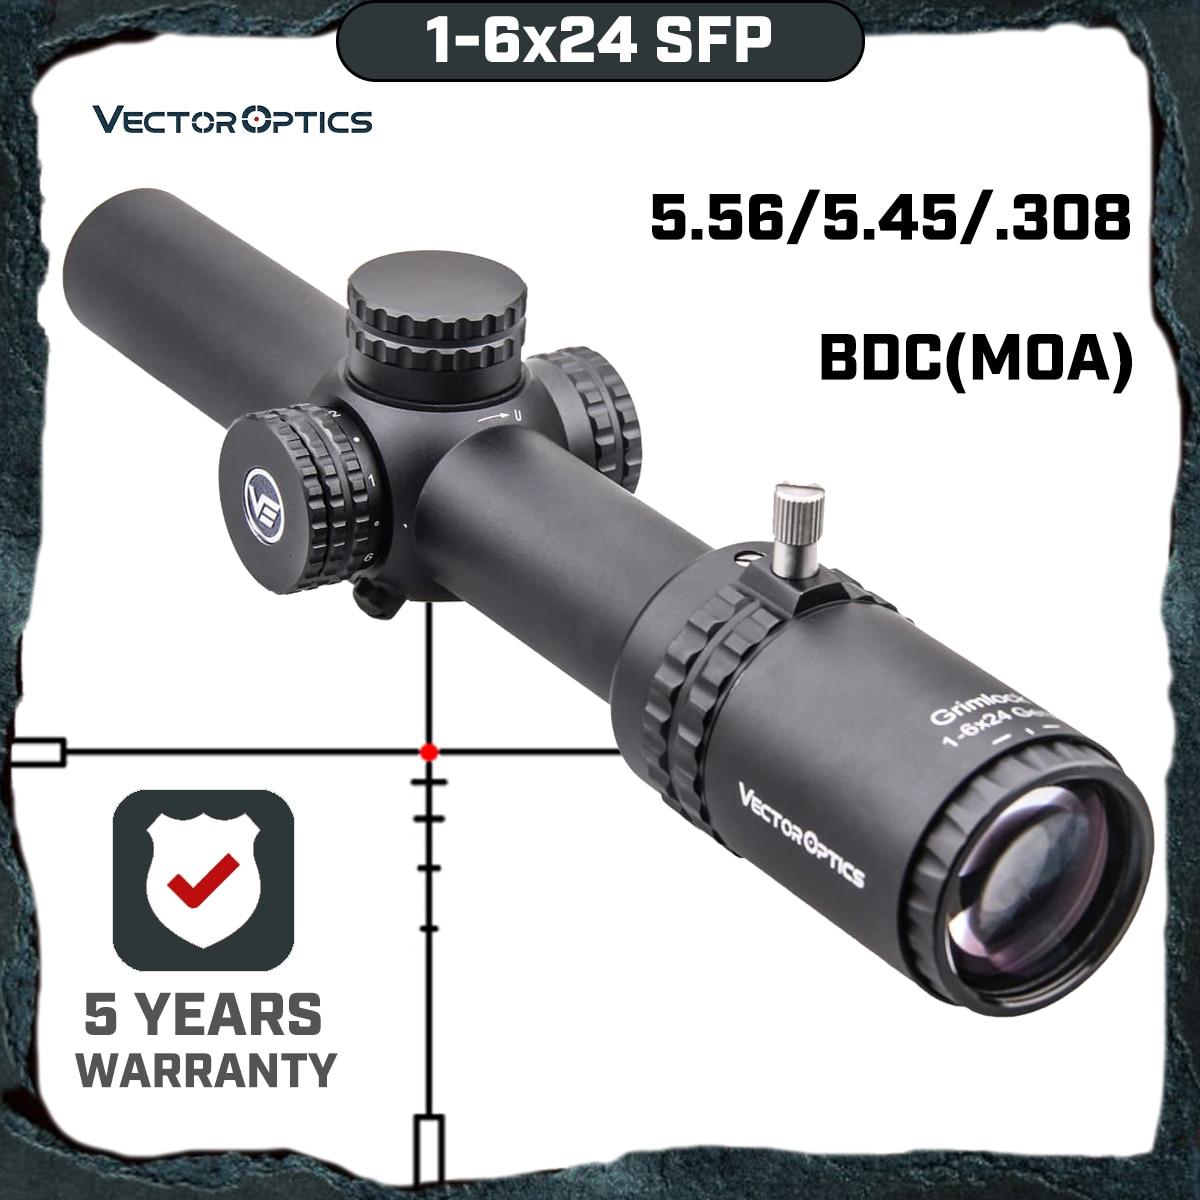 Óptica vetorial gen2 grimlock 1-6x24 bdc (moa) balístico retículo rifle scope centro ponto iluminado riflescope cqb. 223 ar15. 308